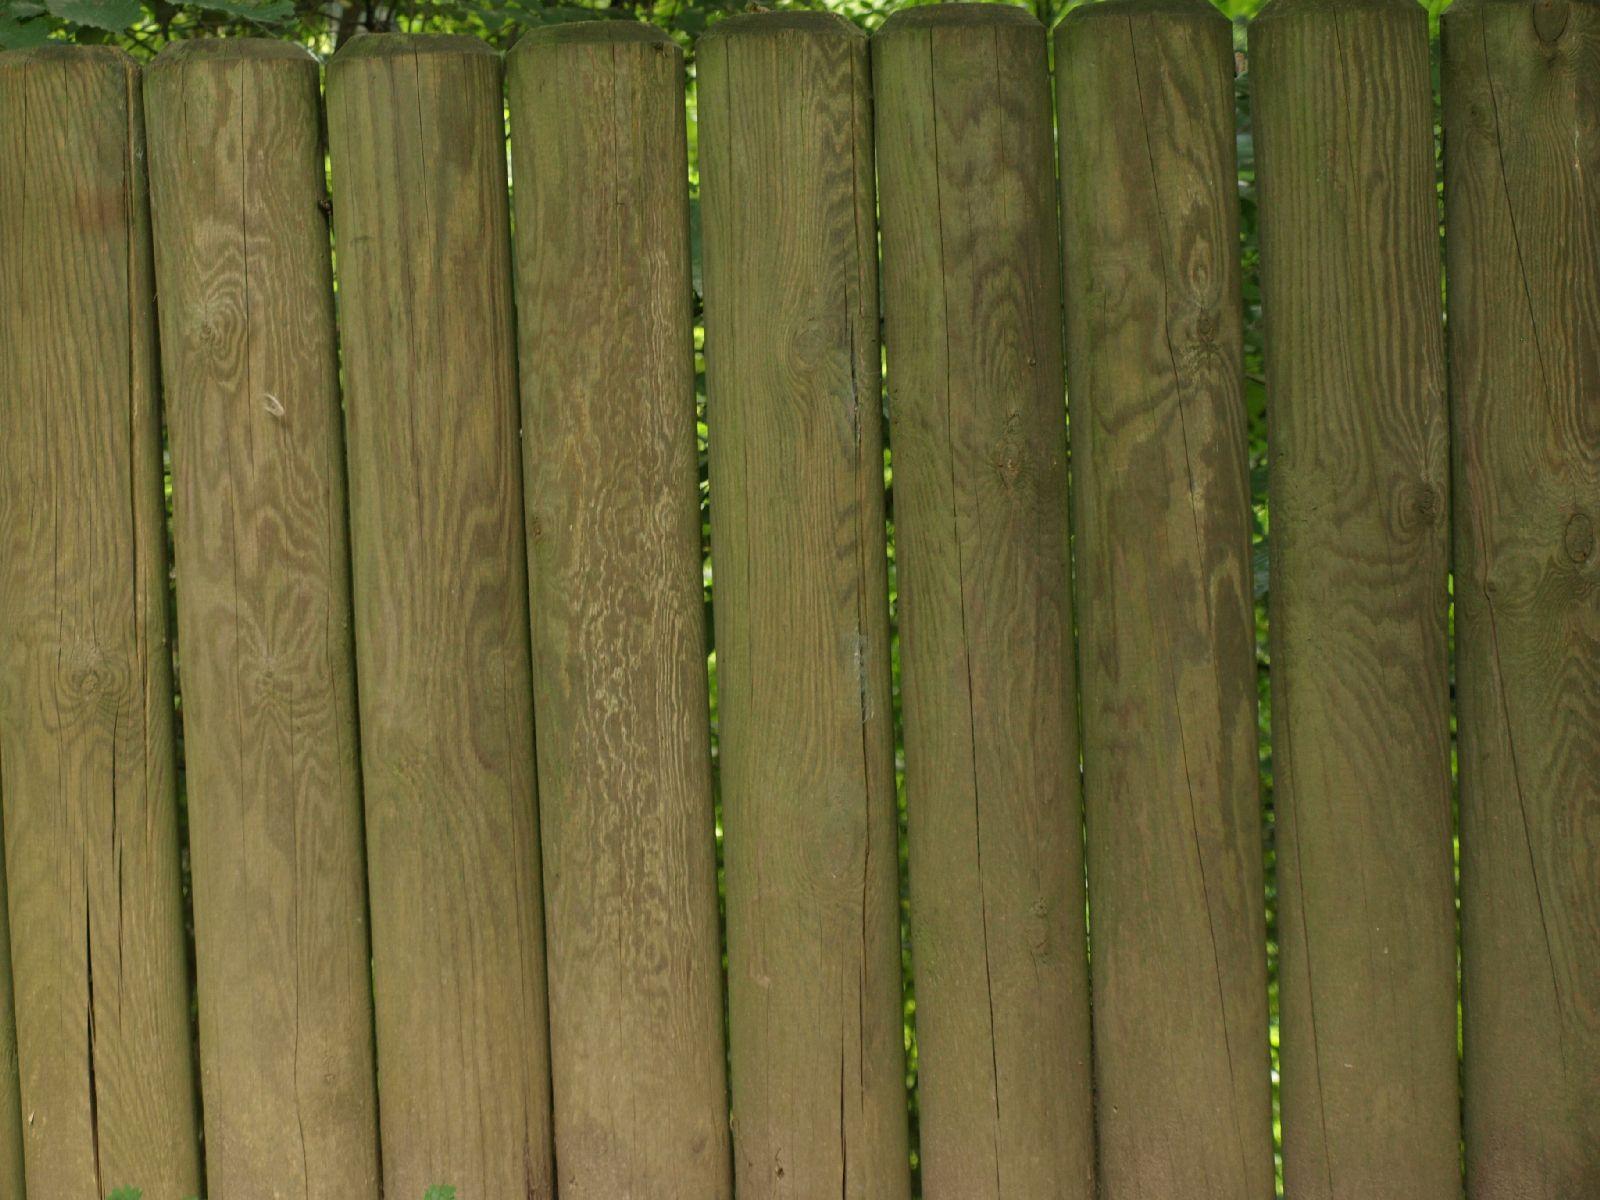 Holz_Textur_A_P9129612